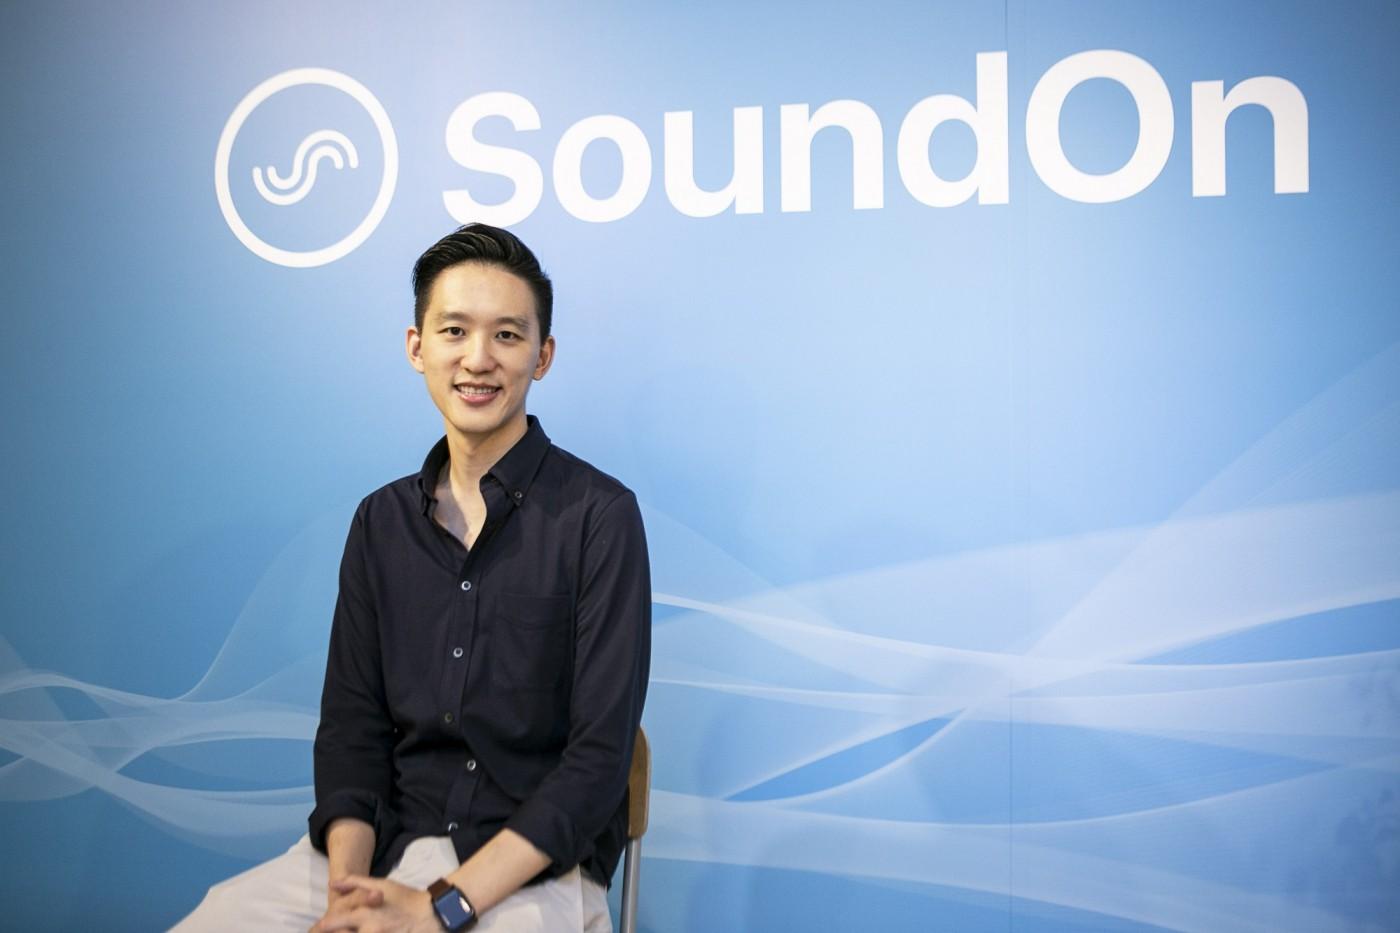 「勤益王子」顧立楷卸下Uber光環,再創業SoundOn目標台灣最大Podcast平台